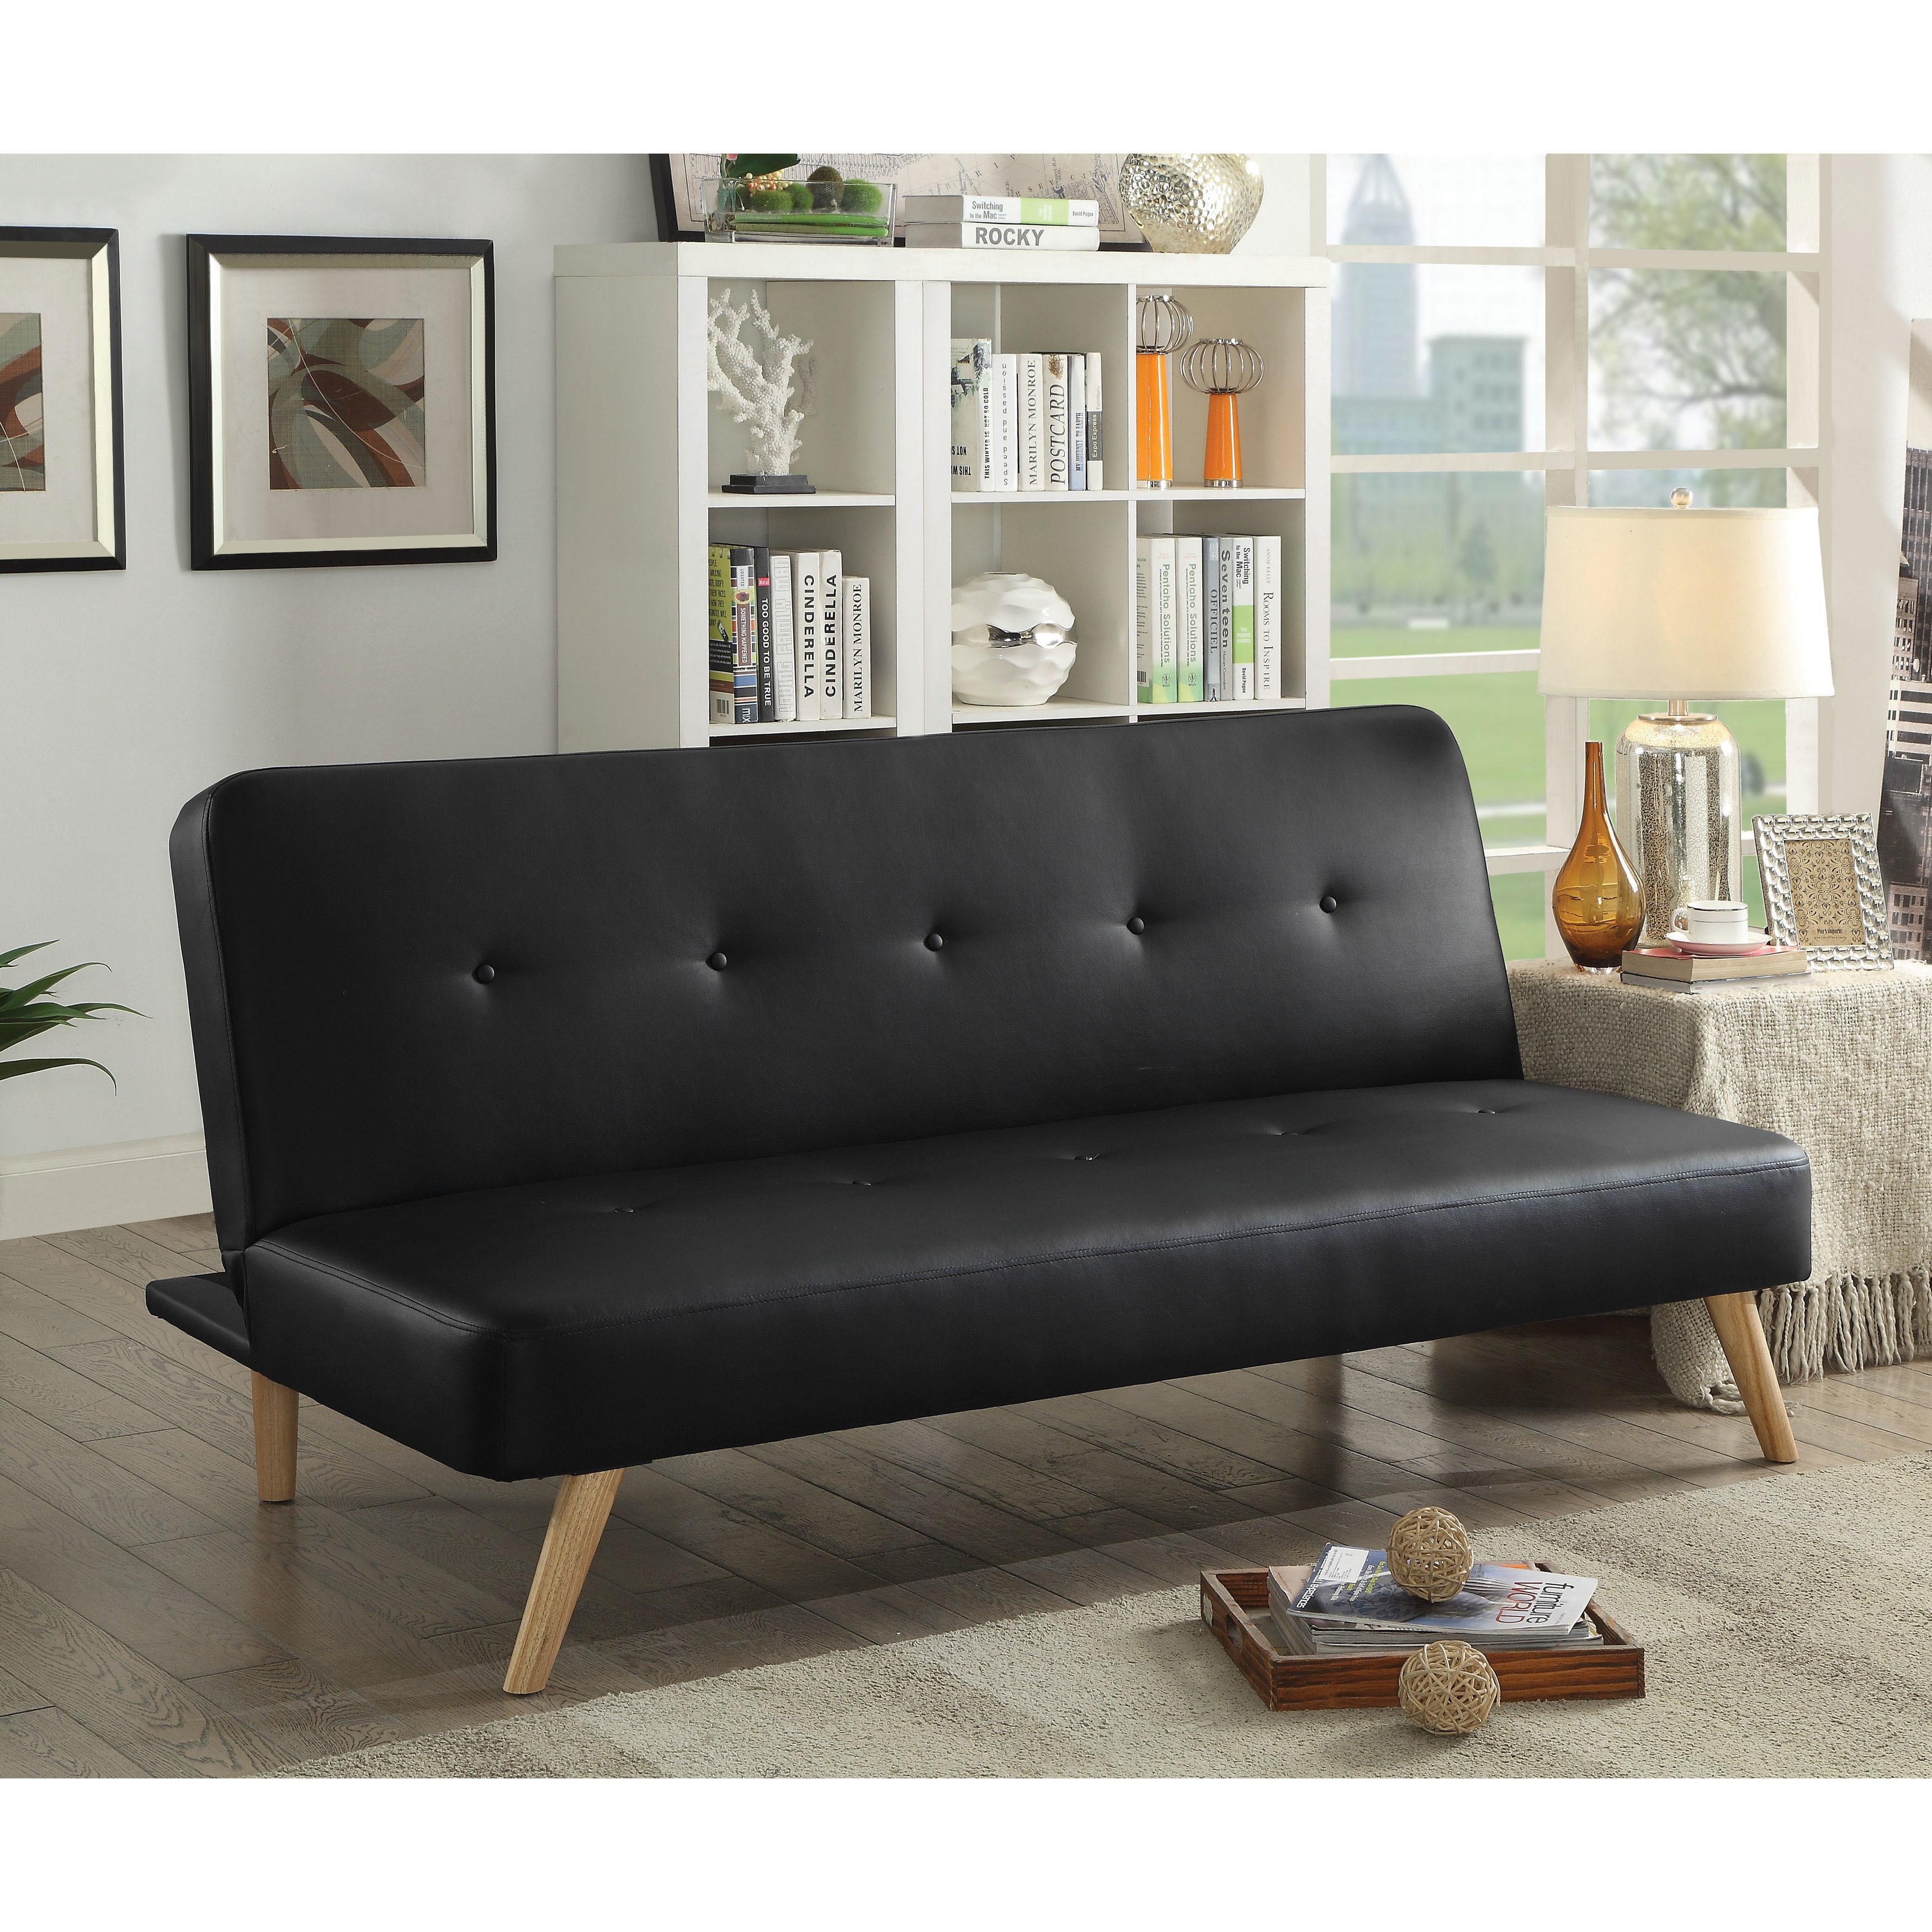 Shop Furniture Of America Merlam Faux Leather Futon Sofa Free